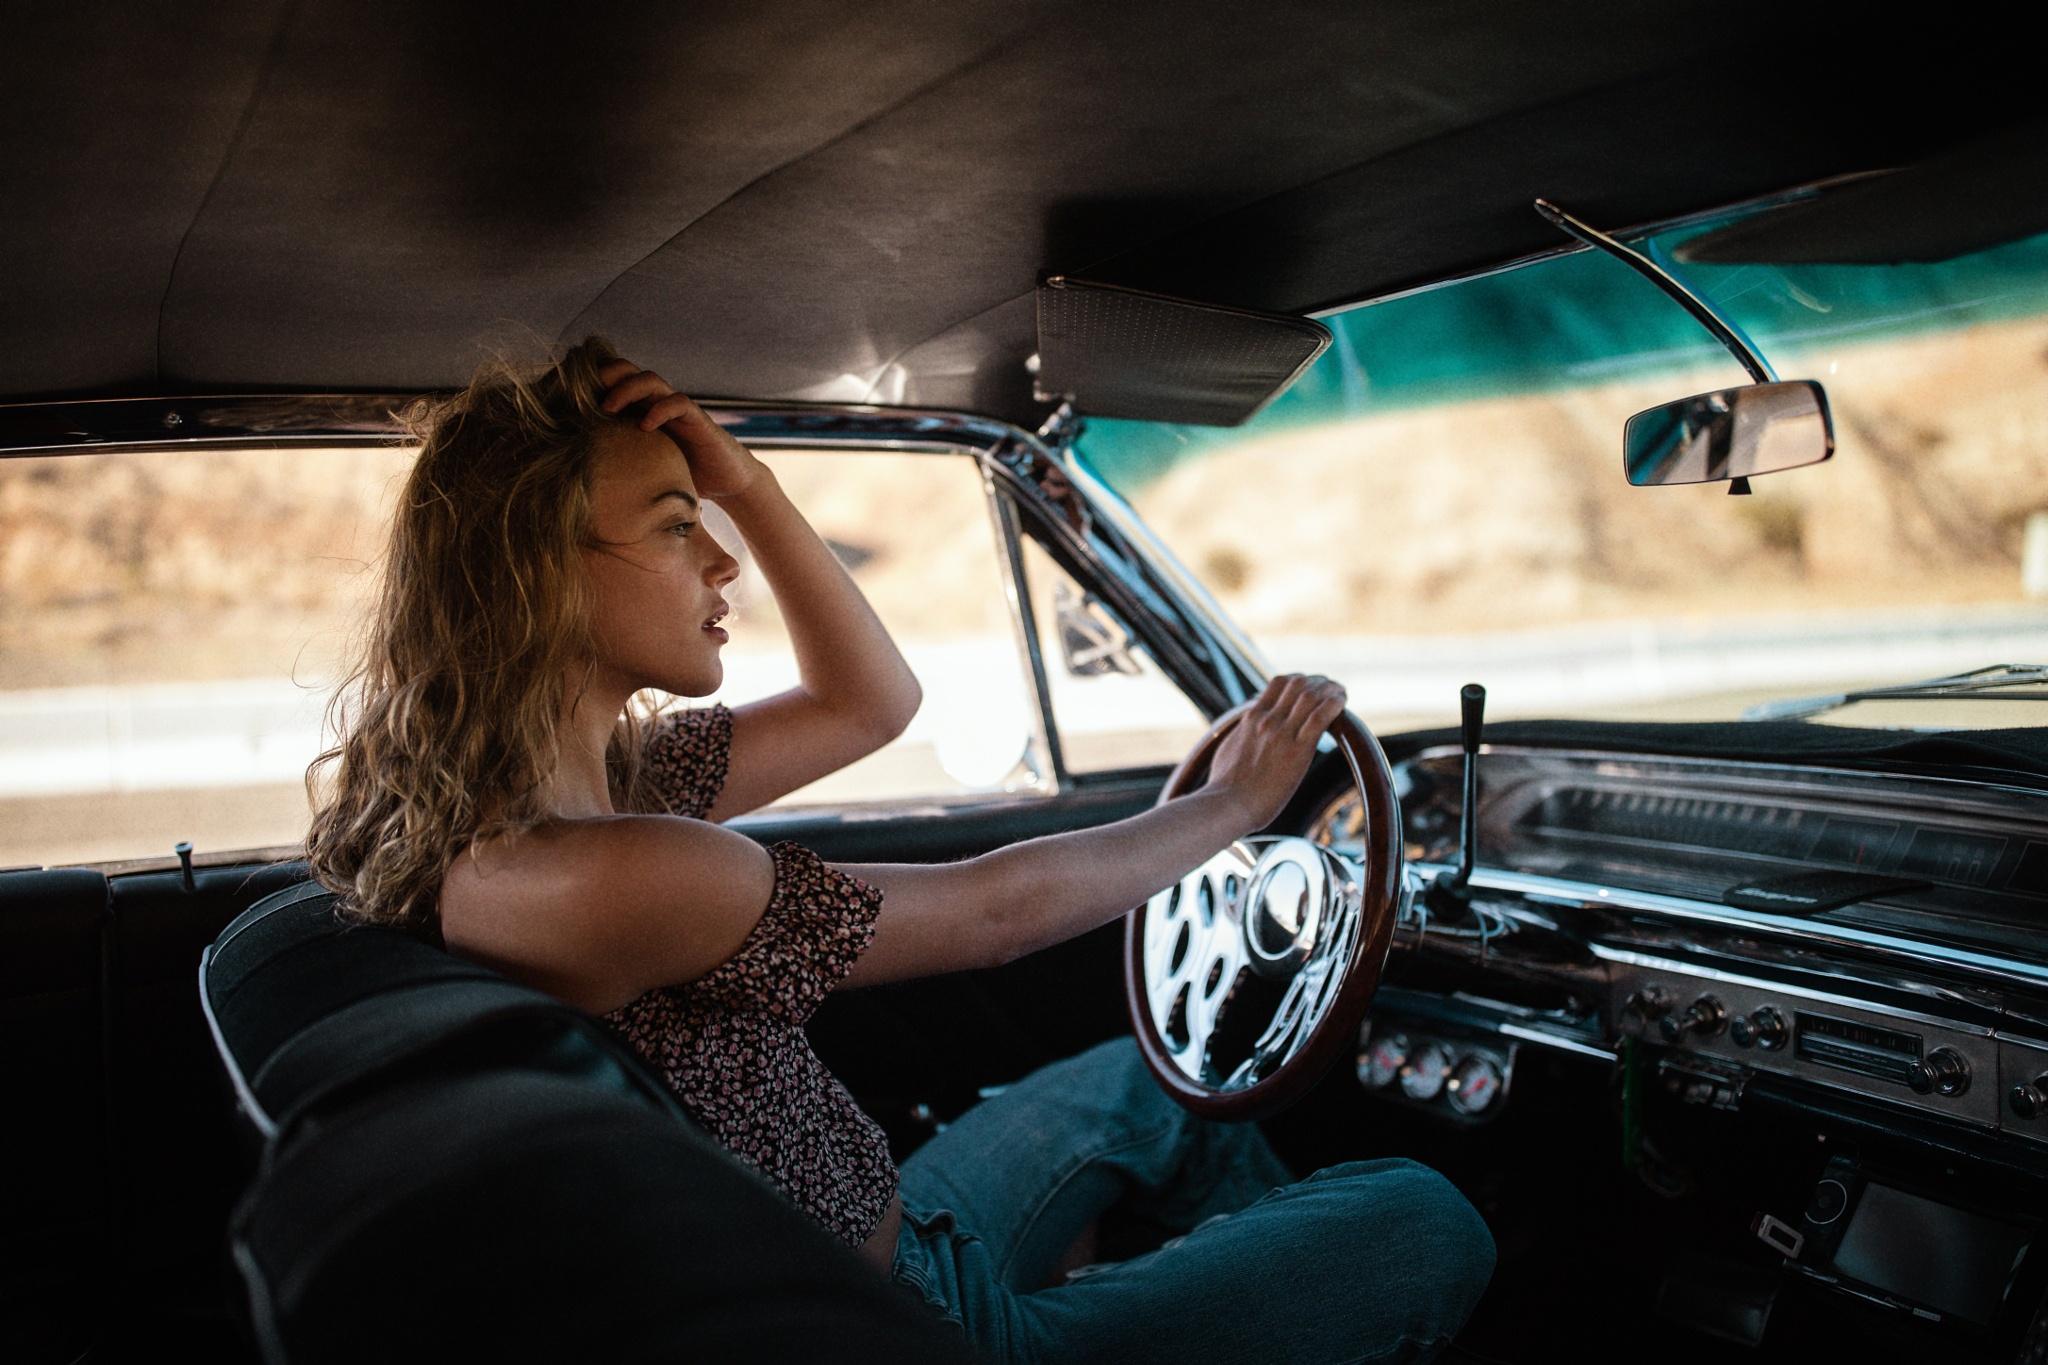 В машине красивые картинки